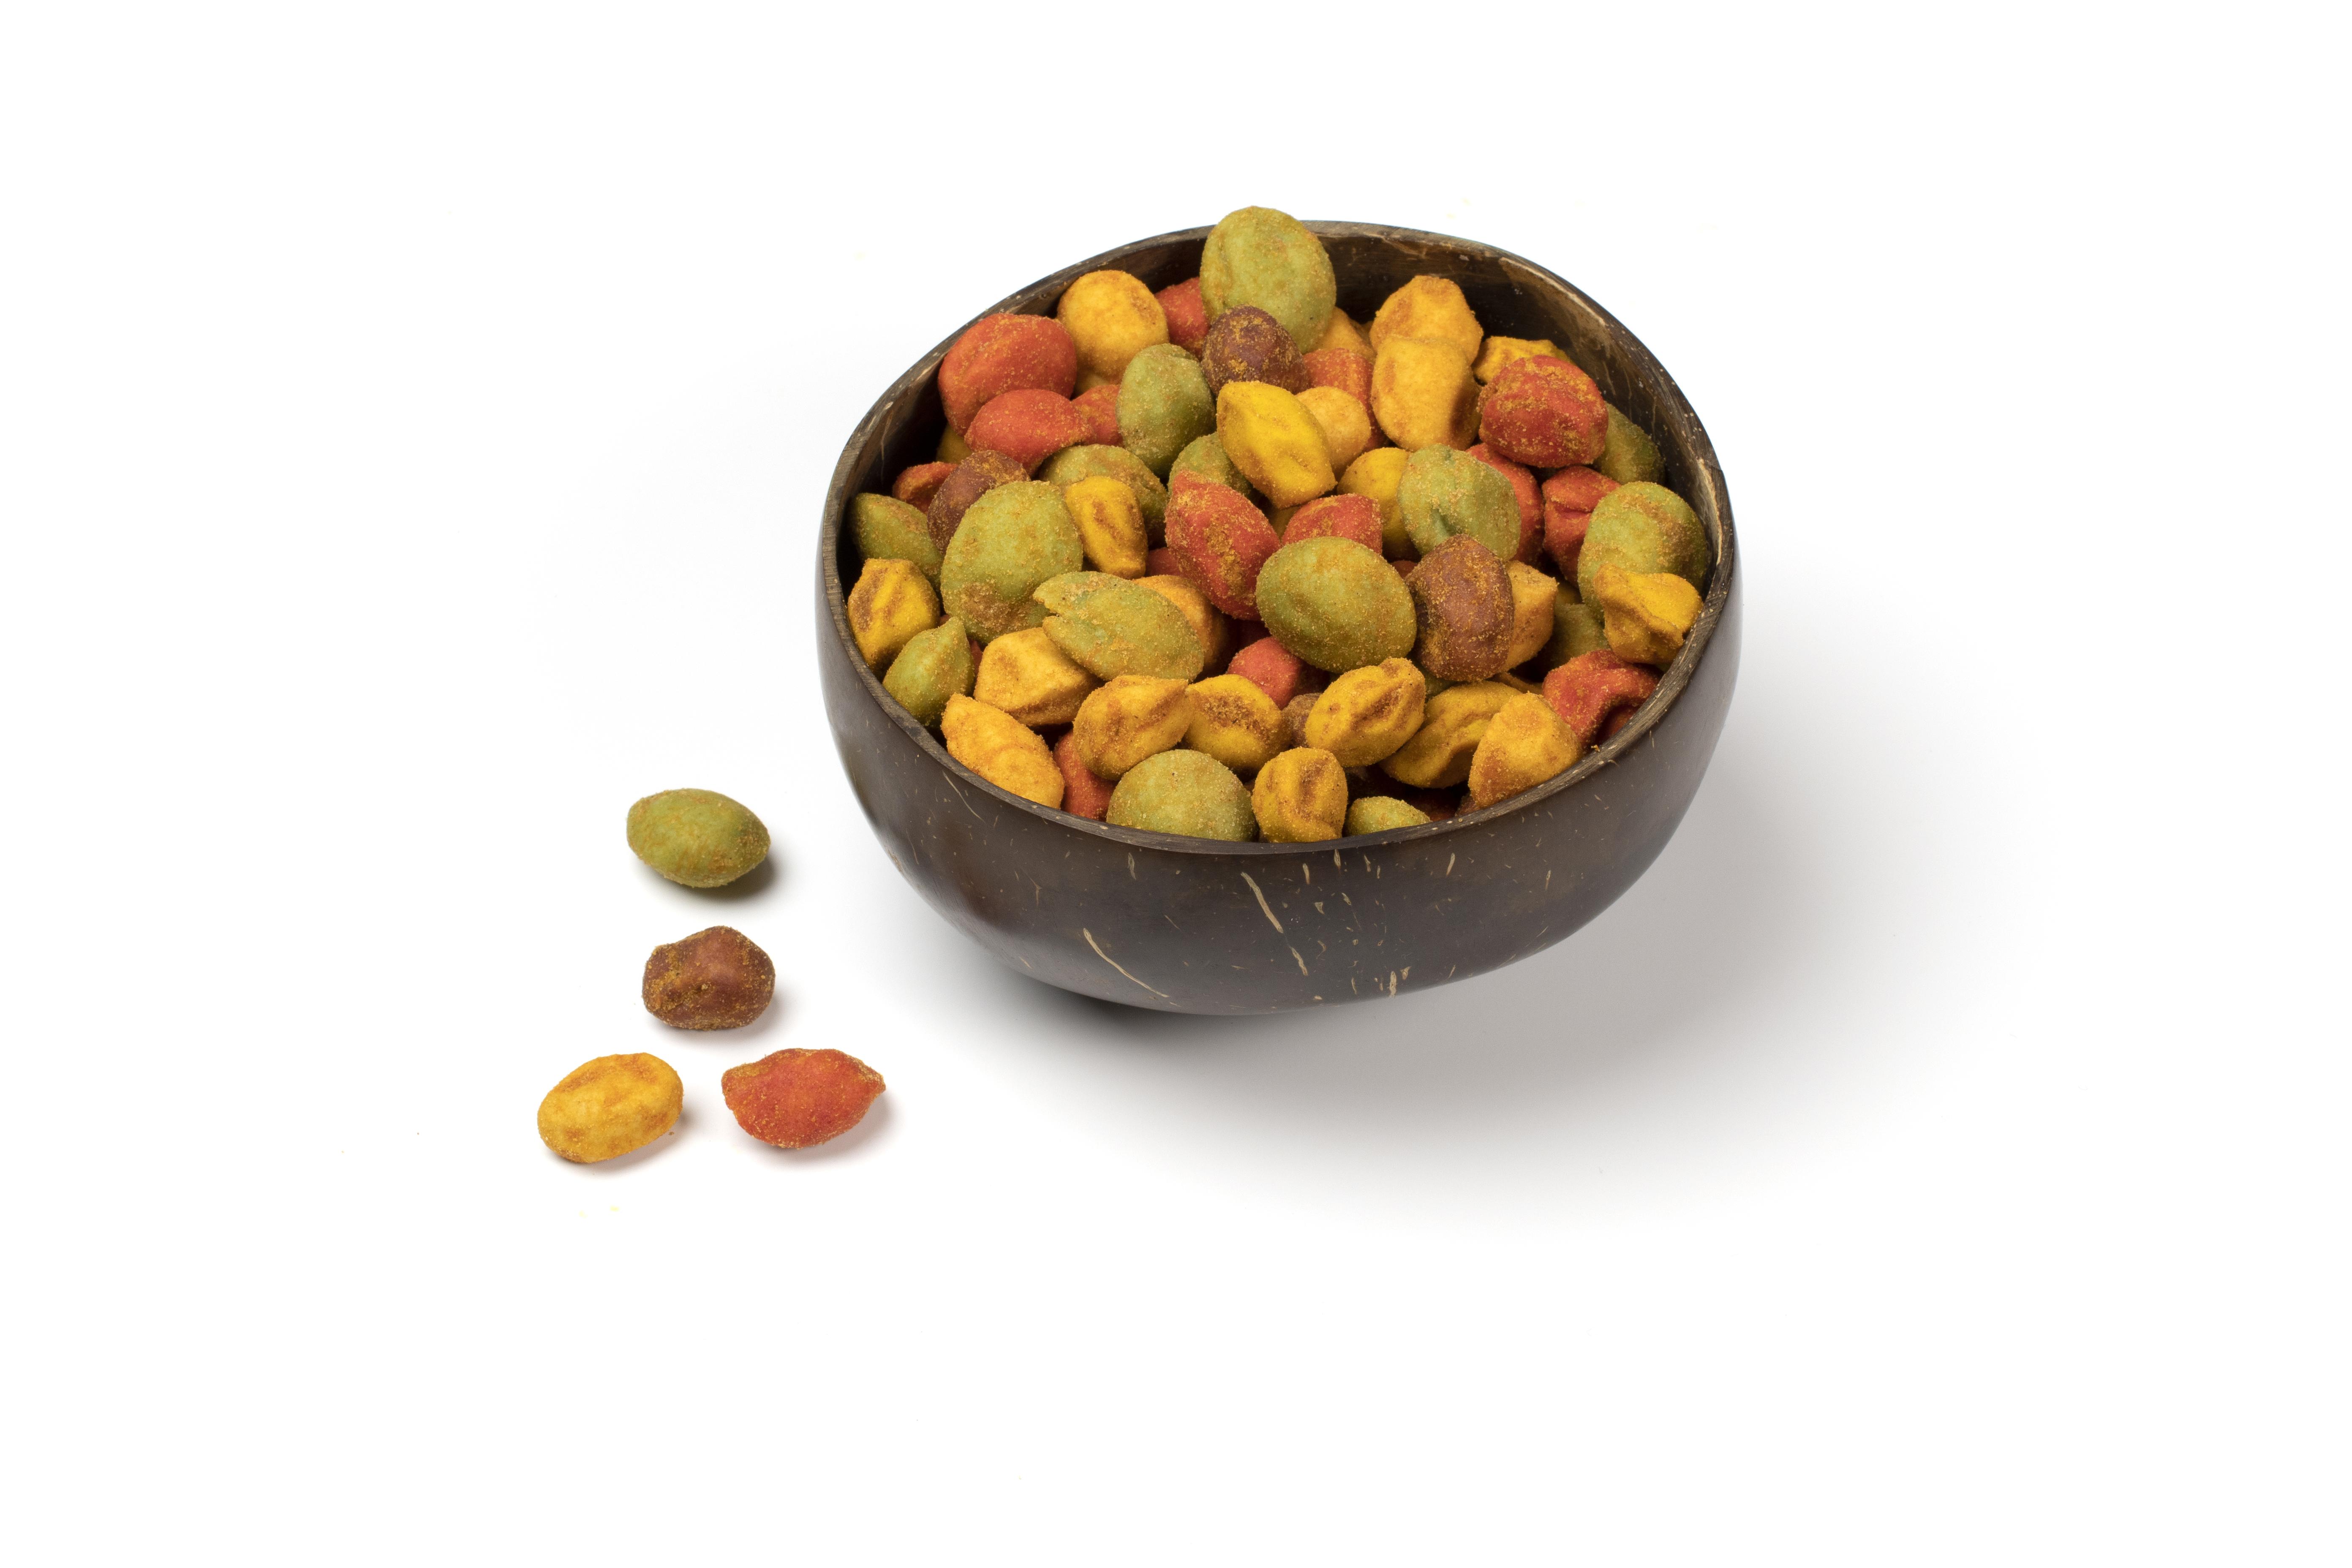 quả hạch pha trộn Siêu thực phẩm thức ăn chay trái cây hạt Hỗn hợp Thành